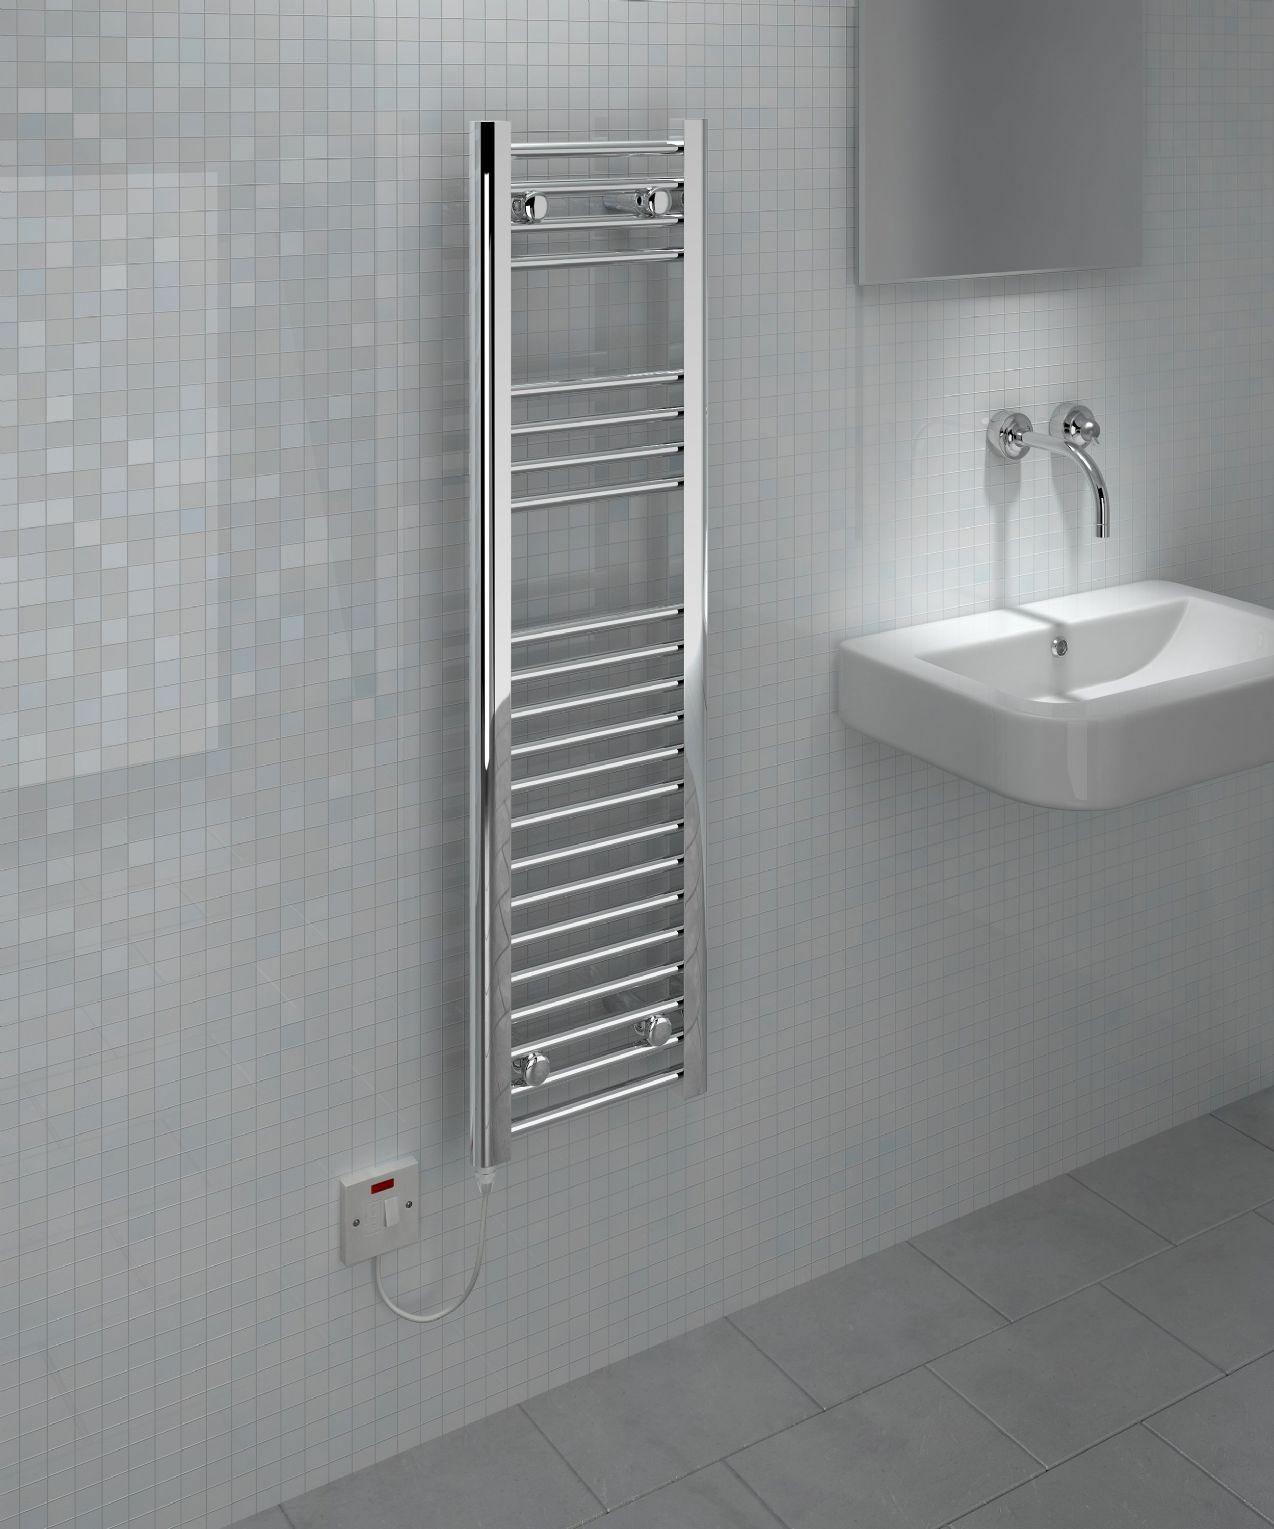 101.00 kudox electric ladder towel rail flat d standard 300mm x 1100mm chrome 2 286 p 1 3